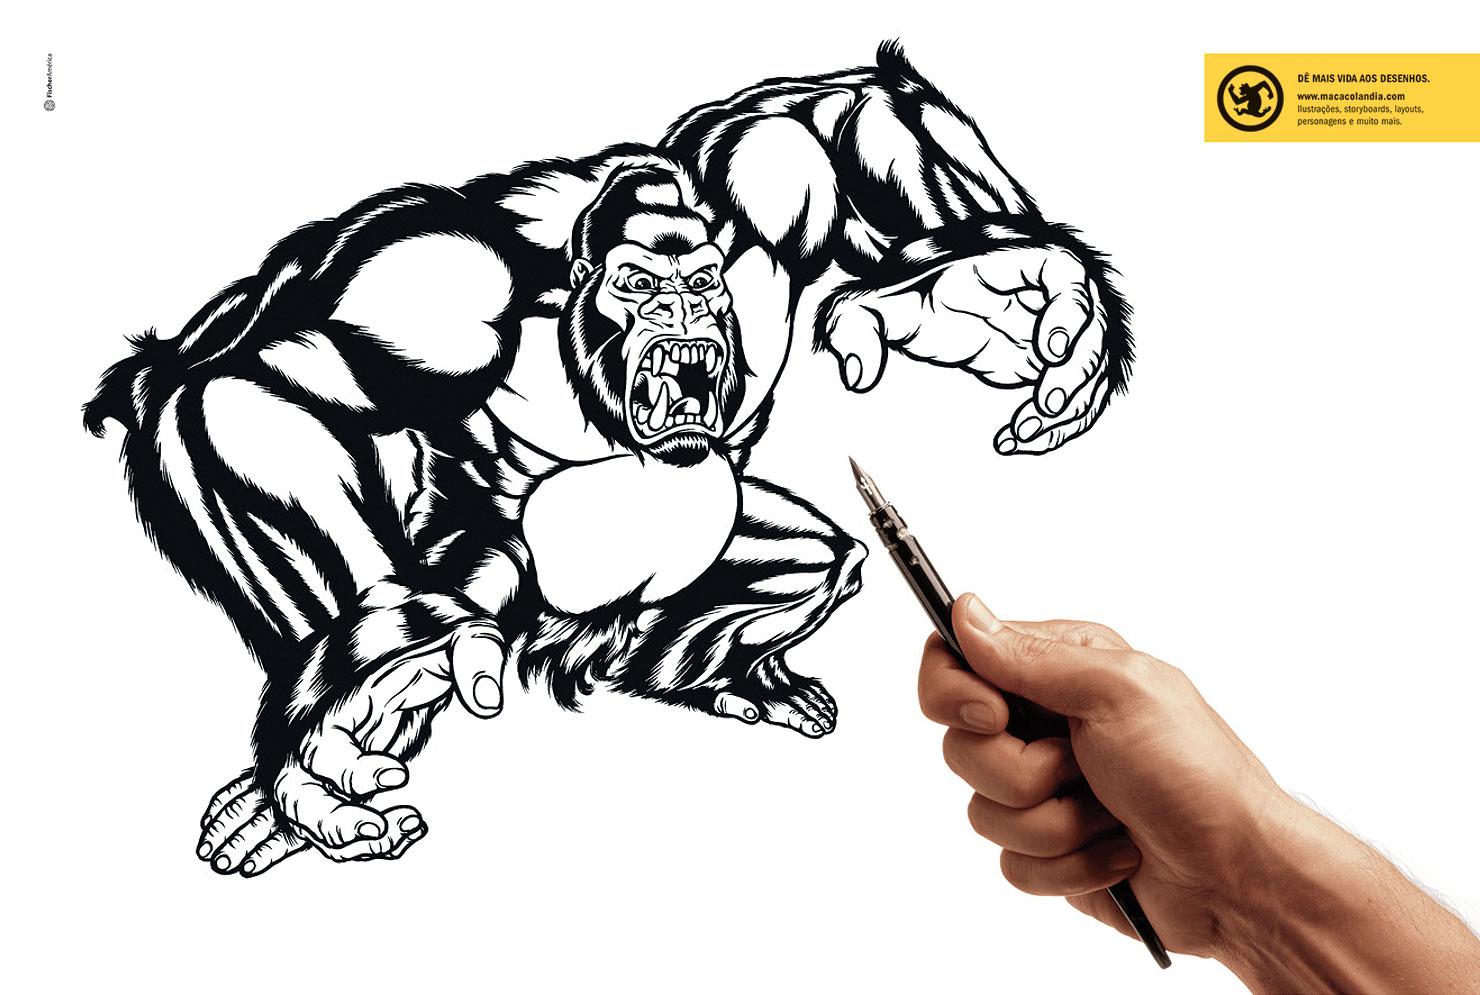 macacolandia-campanha-2006-gorilla-02